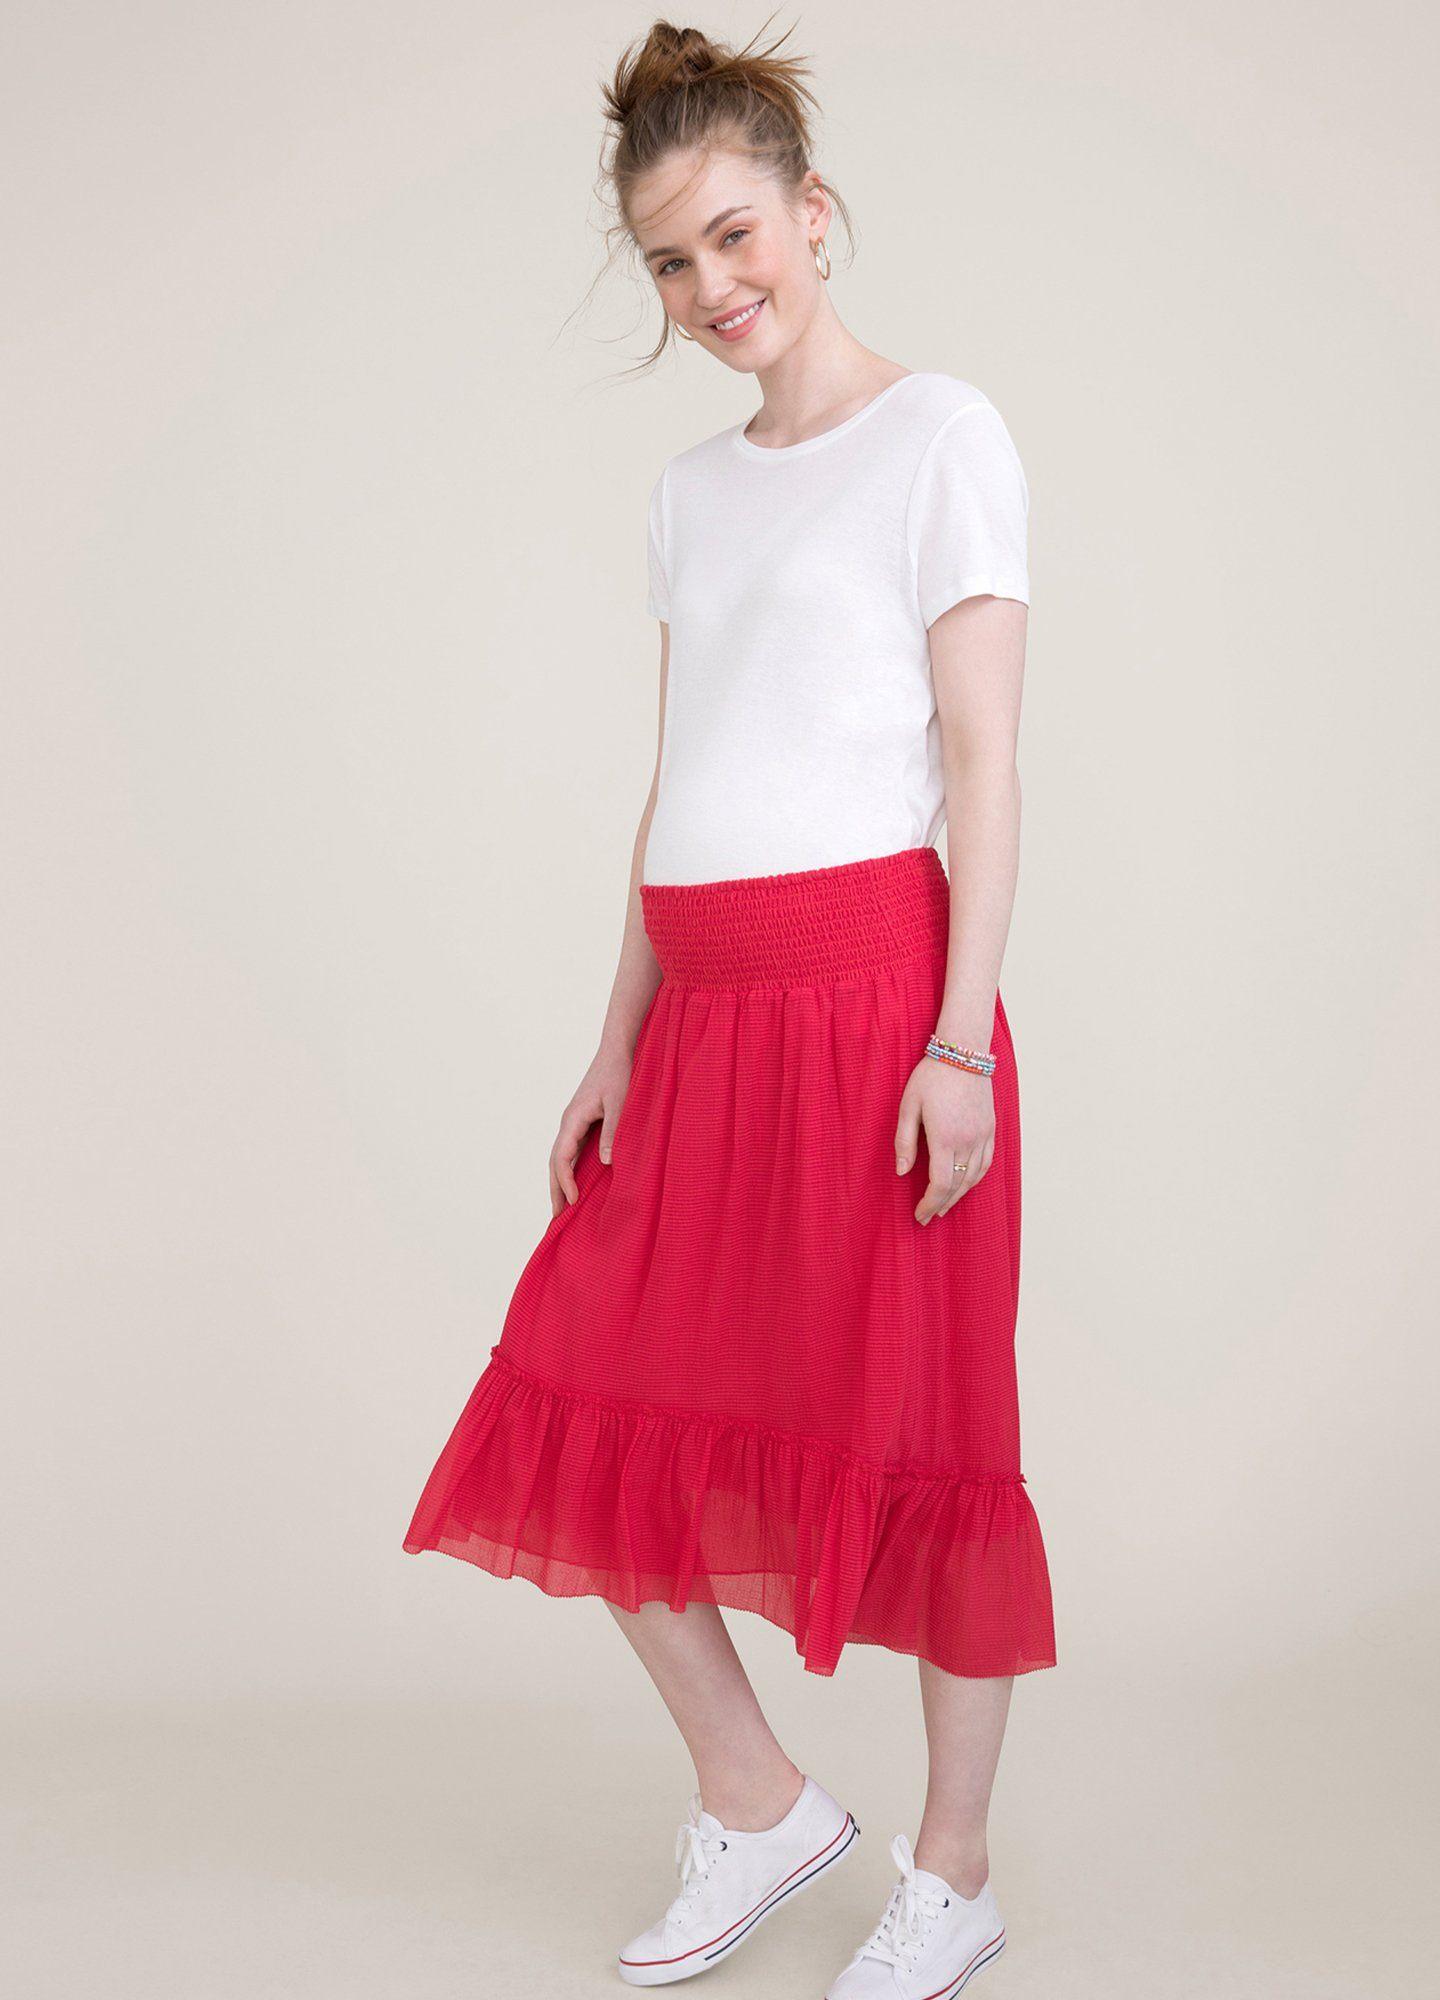 HATCH Maternity The Jelena Skirt, Punch, Size 1